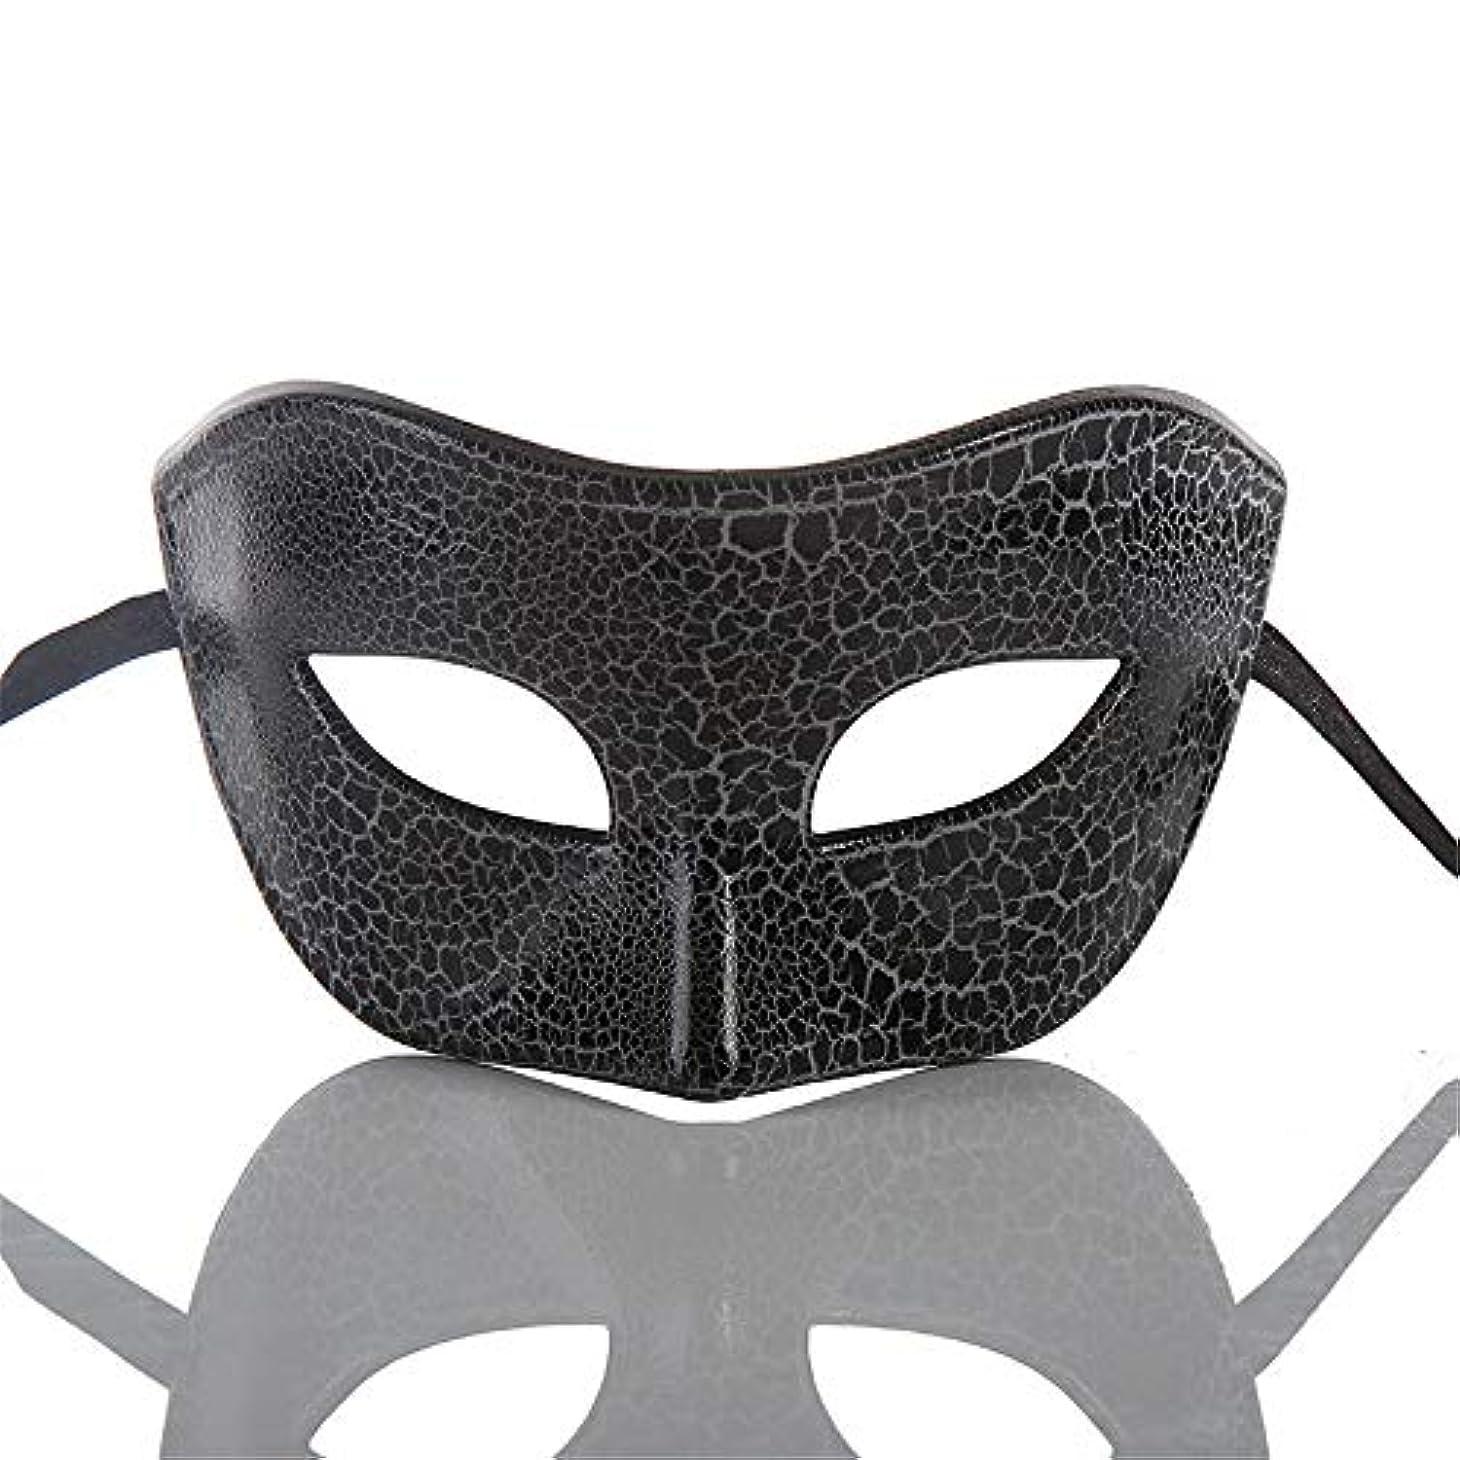 才能のある先祖段落ダンスマスク ハーフマスク新しいハロウィーンマスク仮装レトロコスプレメイクナイトクラブマスク雰囲気クリスマスお祝いプラスチックマスク ホリデーパーティー用品 (色 : ブラック, サイズ : 16.5x8cm)